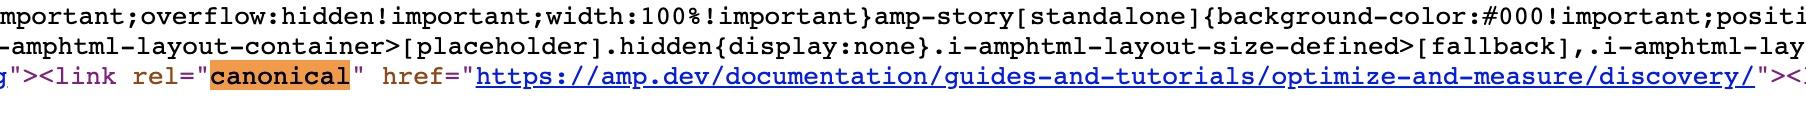 由原始碼直接確認是否設置Canonical標籤